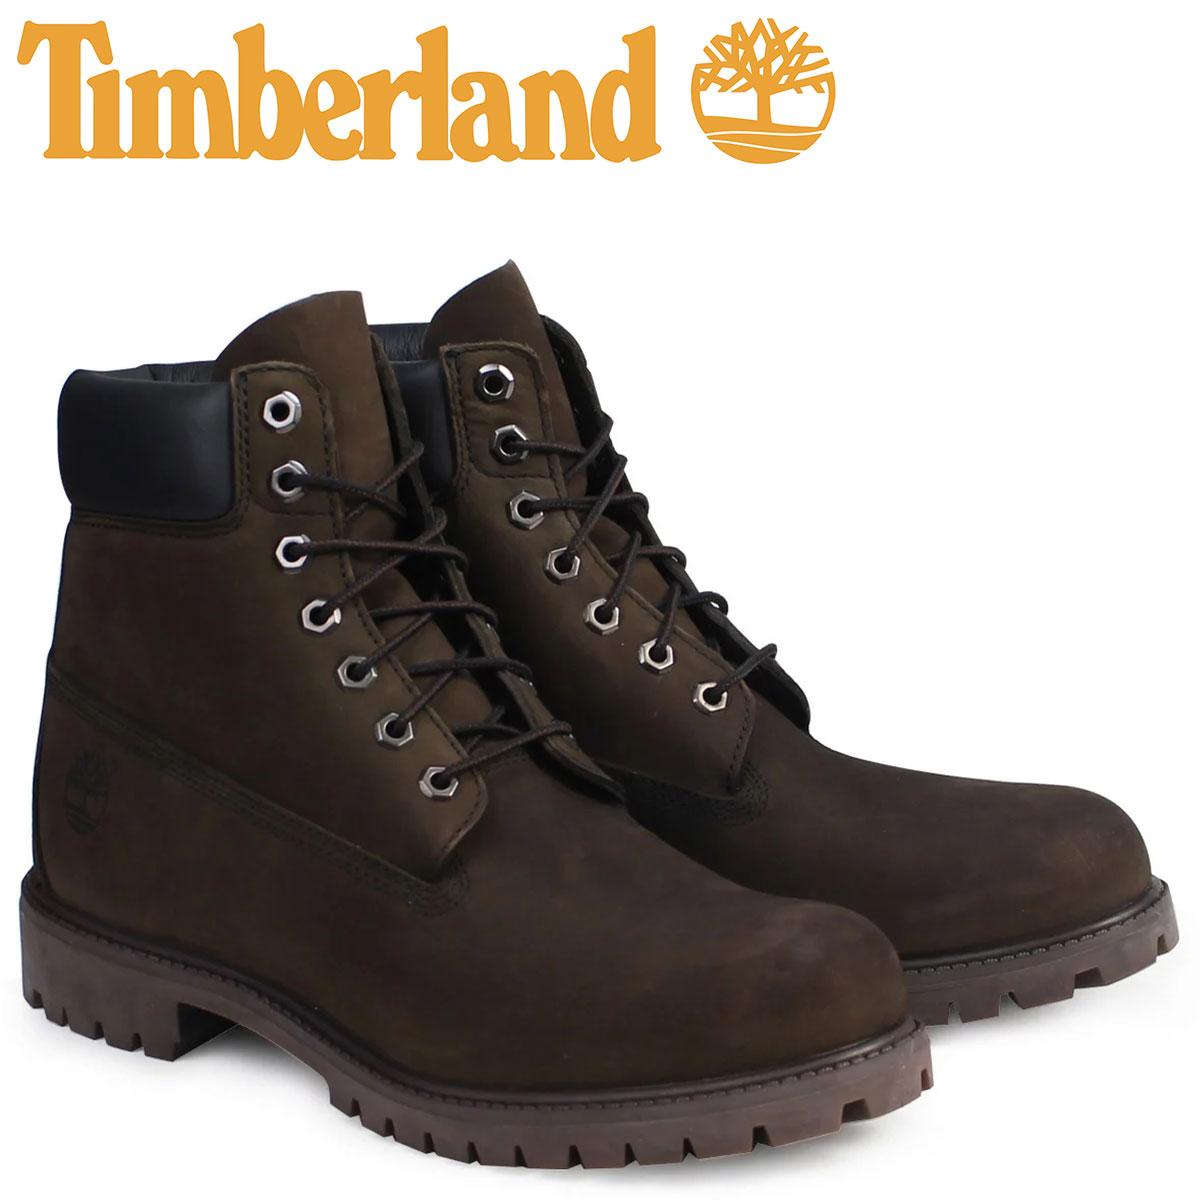 Timberland ブーツ メンズ 6インチ ティンバーランド 6INCH PREMIUM WATERPROOF BOOTS プレミアム ウォータープルーフ ヌバック 防水 10001 ダークチョコレート